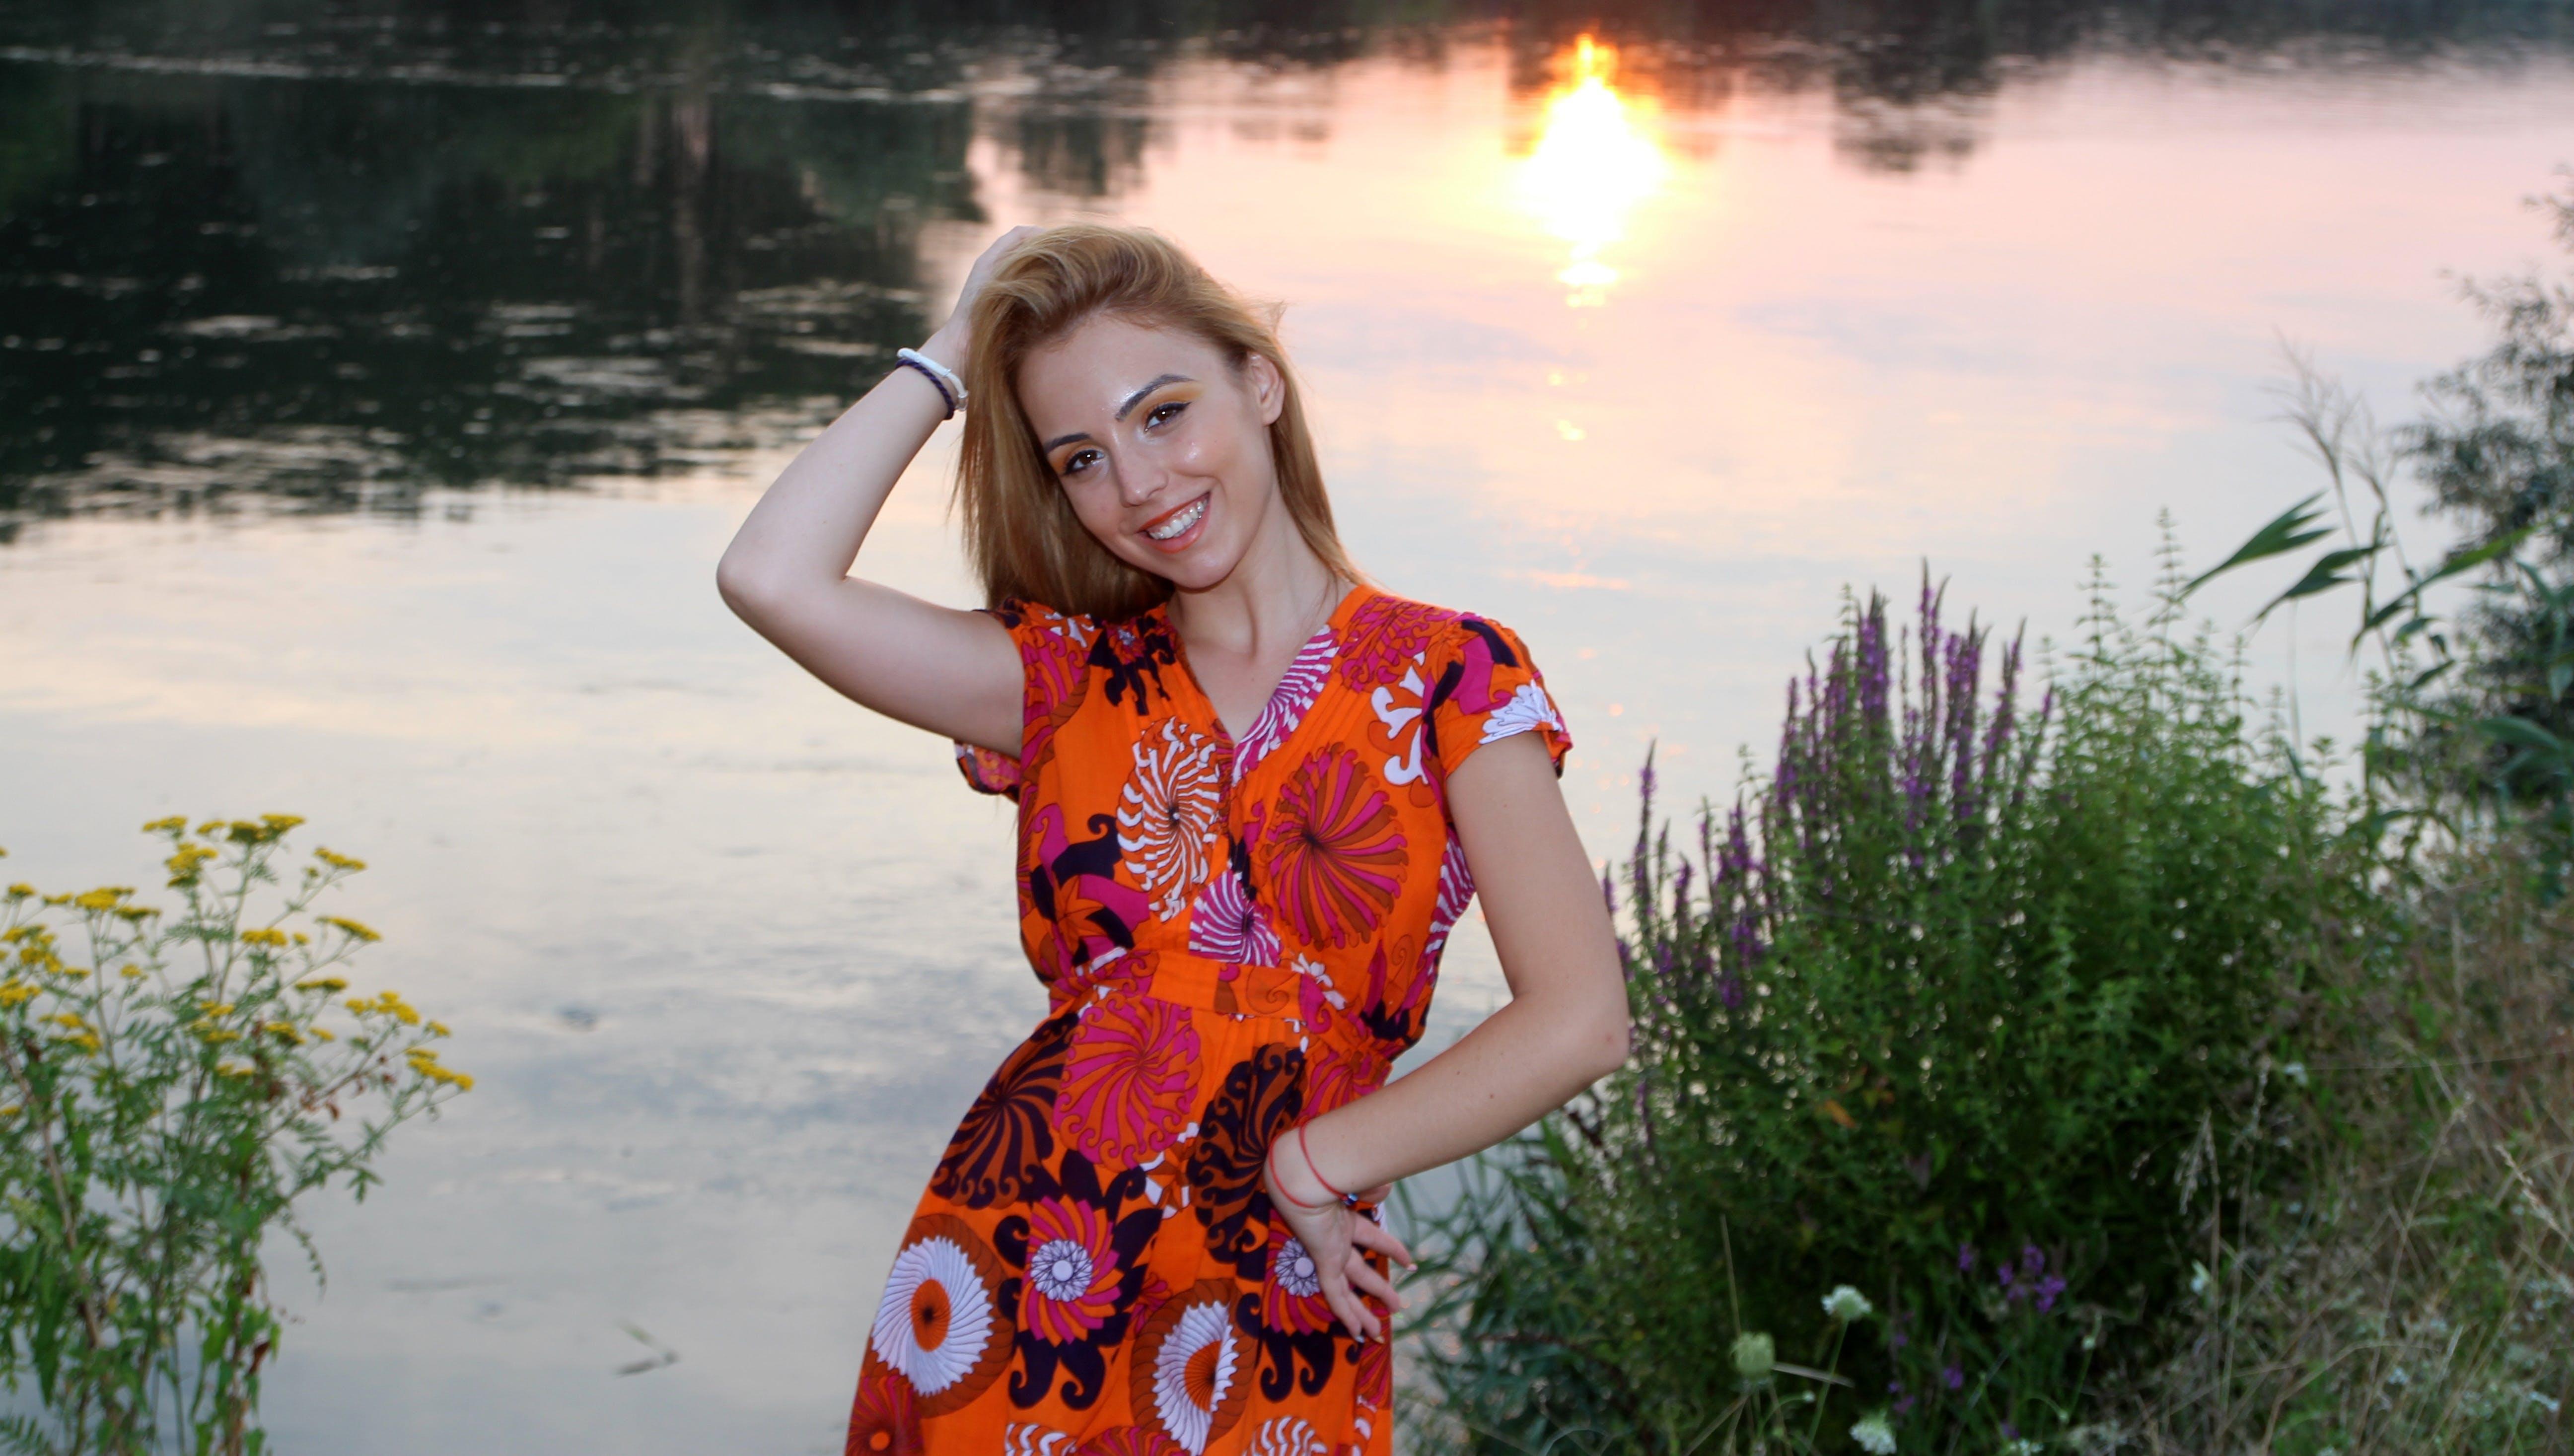 Free stock photo of sunset, water, girl, lake